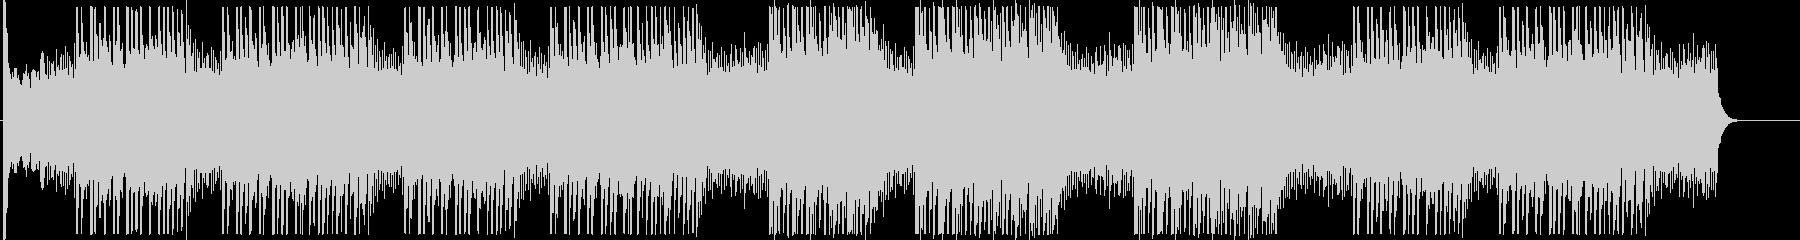 和洋折衷なレトロサウンドの未再生の波形